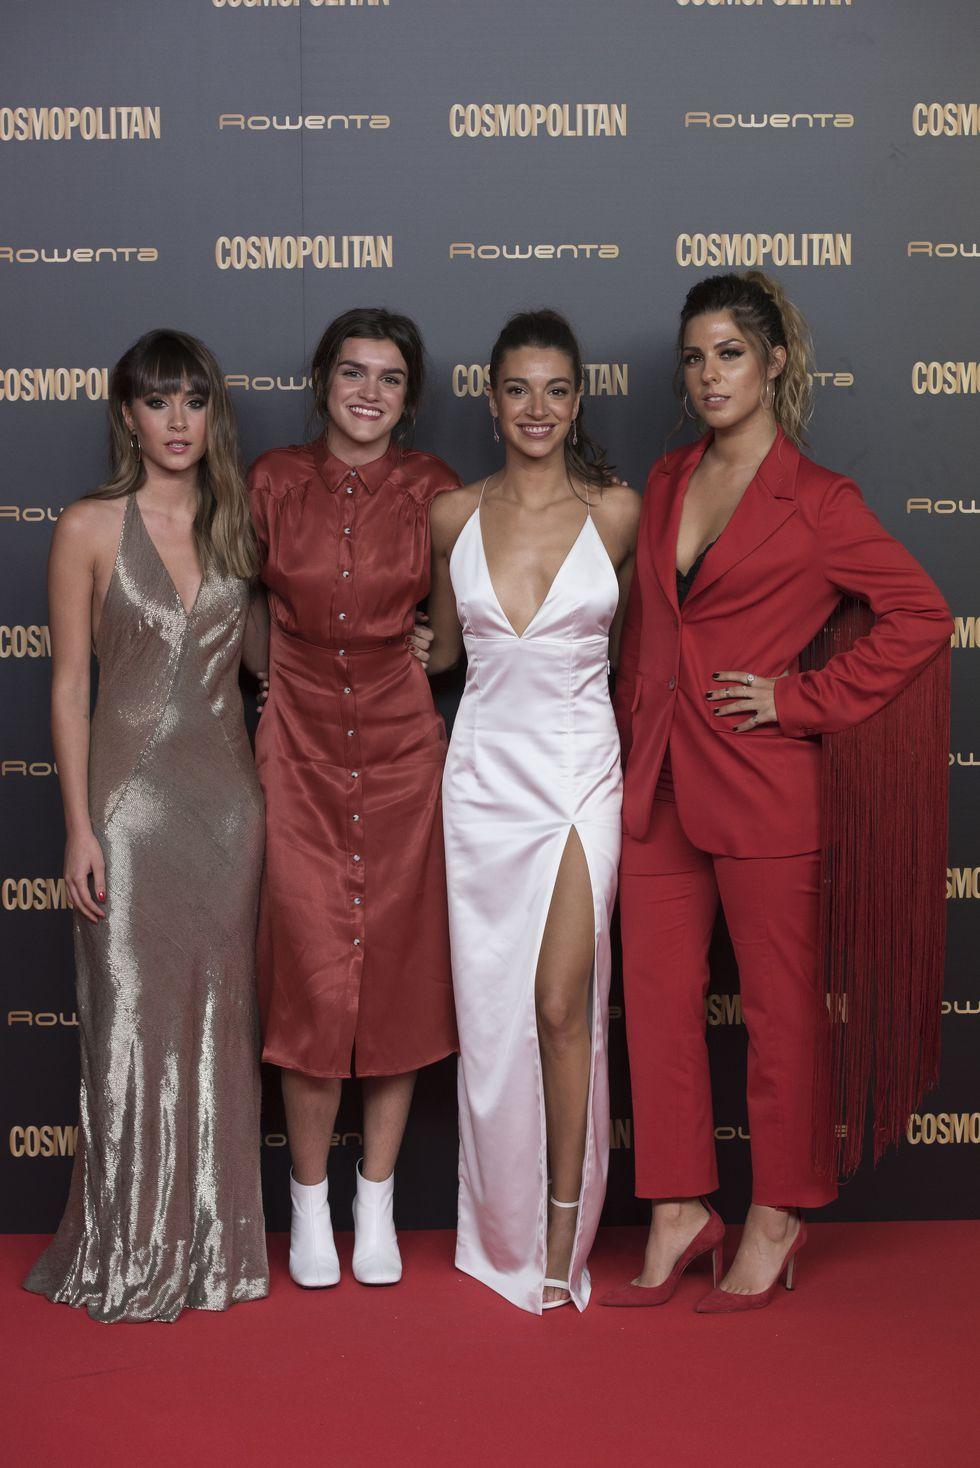 Los mejores peinados de los Cosmo Awards (y cómo conseguirlos) images